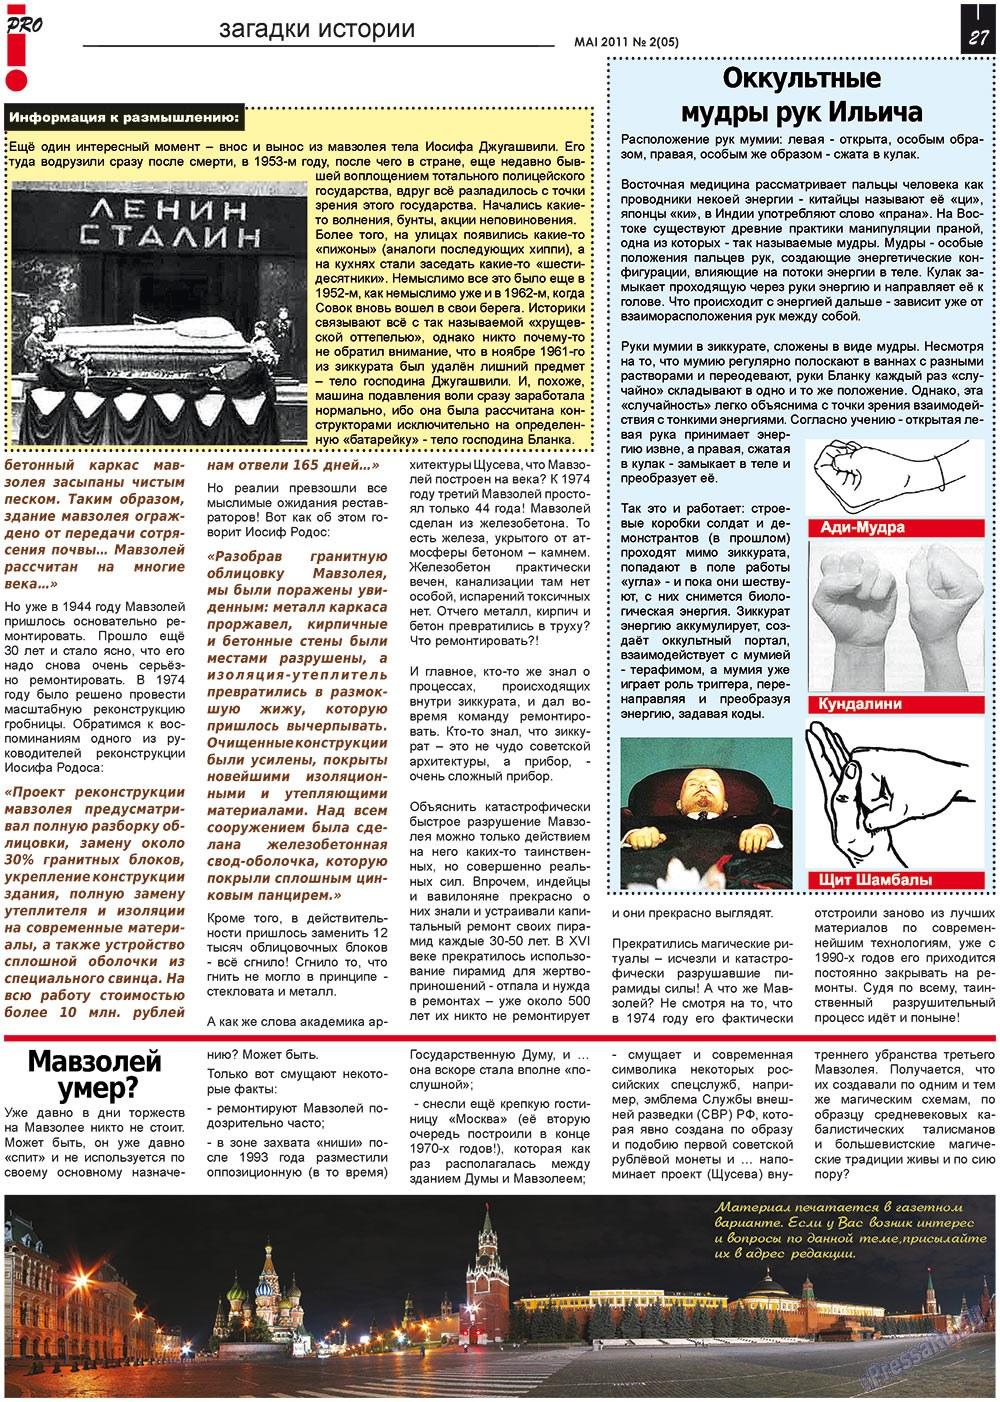 Все pro все (газета). 2011 год, номер 2, стр. 27